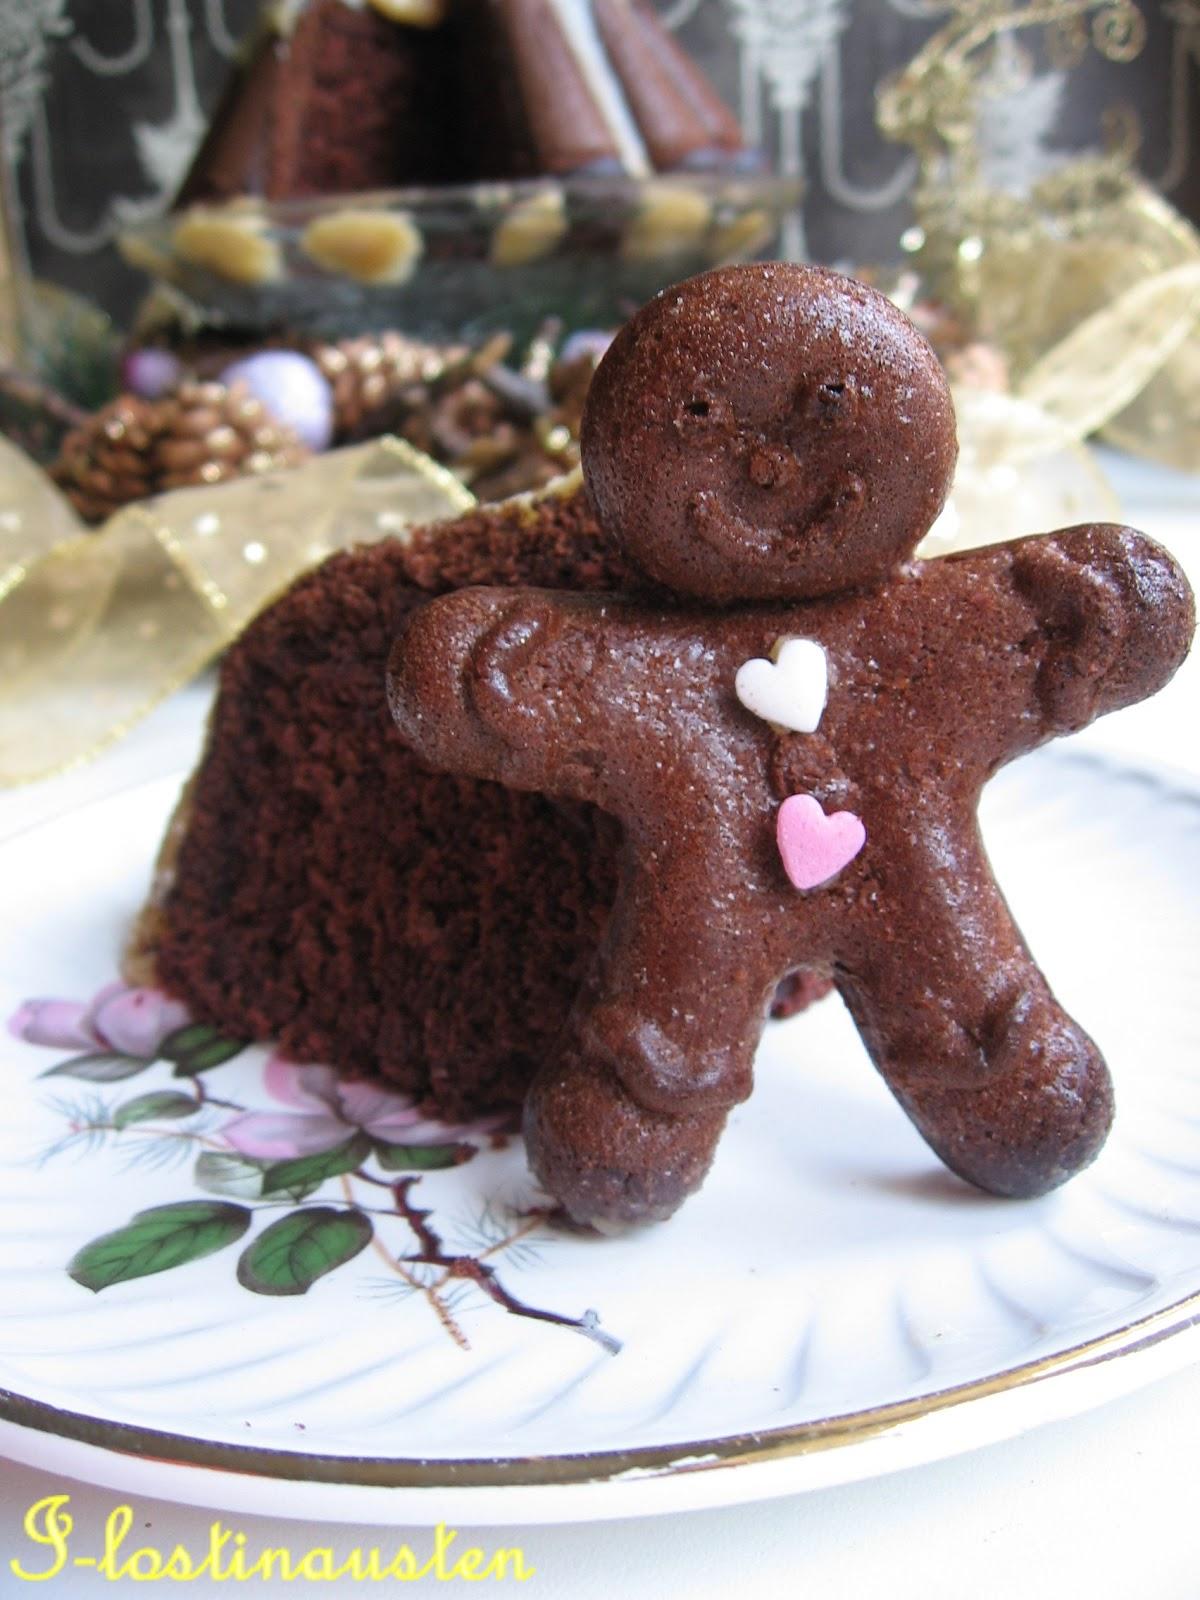 ... in Austen: Chocolate–Ginger Cake With Bourbon Sauce (Martha Stewart